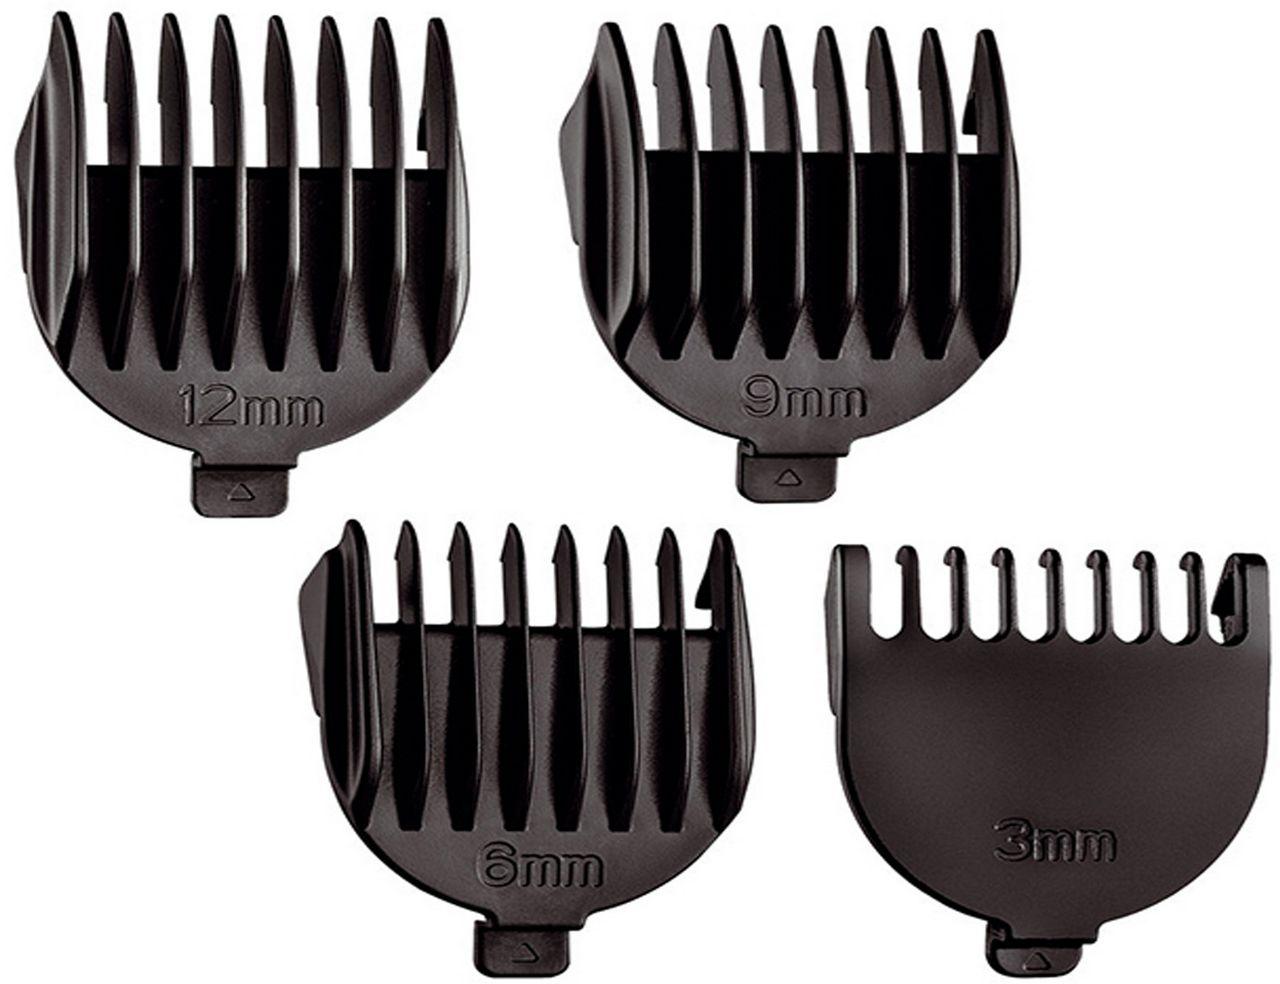 Aparador De Pelos  6 Em 1 Barbeador Cortador Cabelos Barba Base Carregadora Sem fio Recarregável Lâminas Aço Inox 6 Peças Bivolt 6 Watts Super Groom Mondial Original